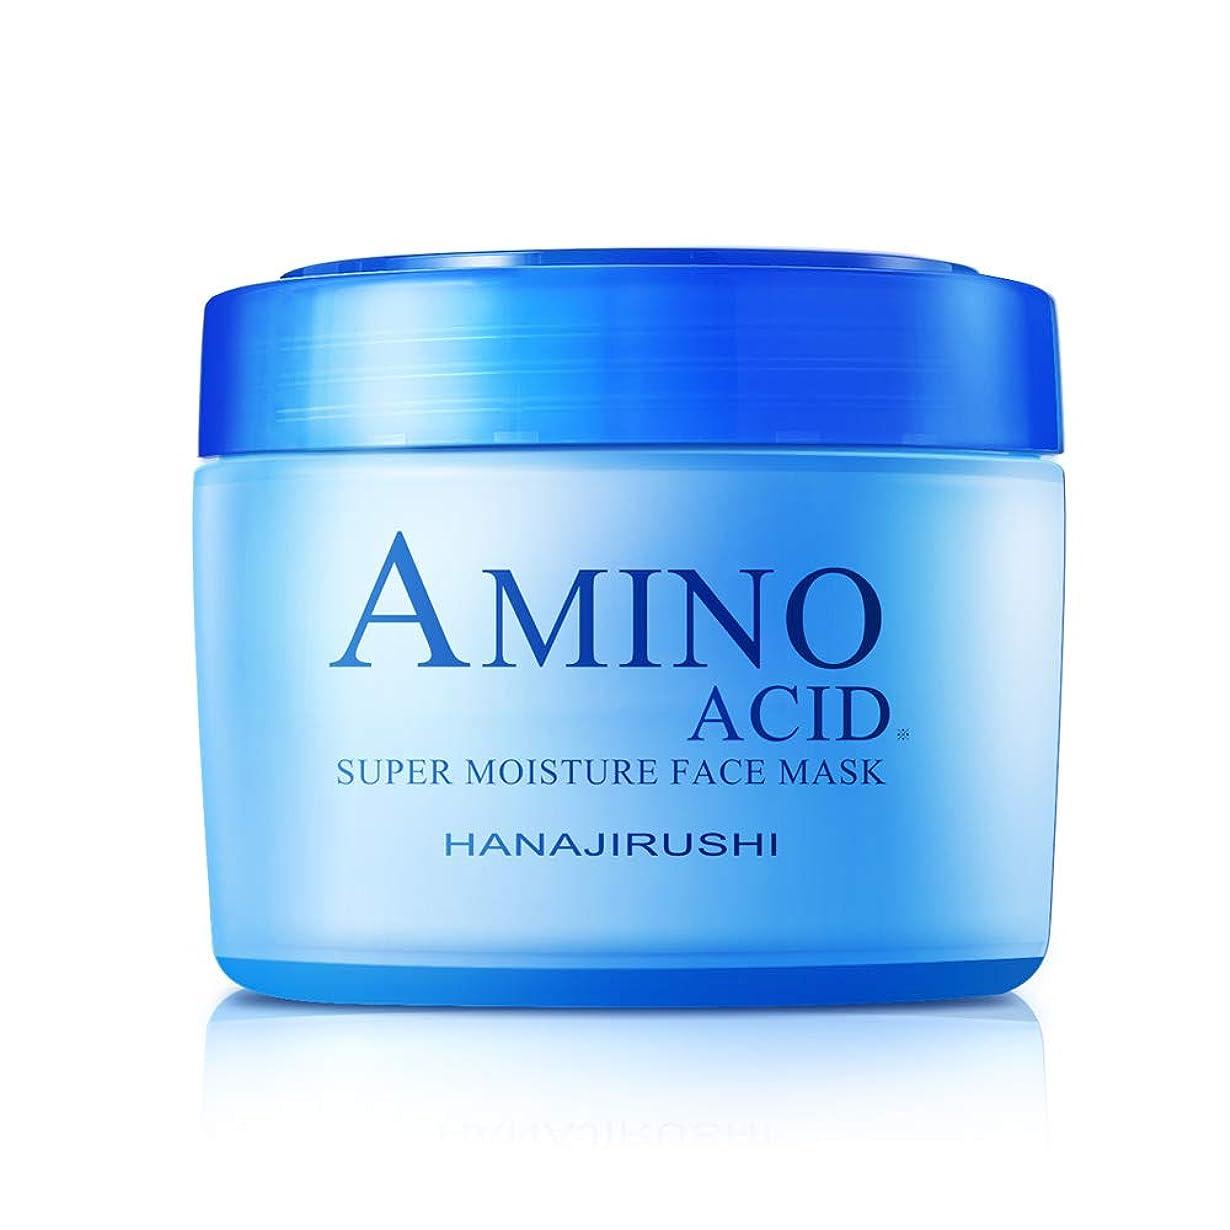 保持頭痛作者花印 超濃厚徹底保湿フェイスパック220g セラミド&アミノ酸配合 ぷるるん肌